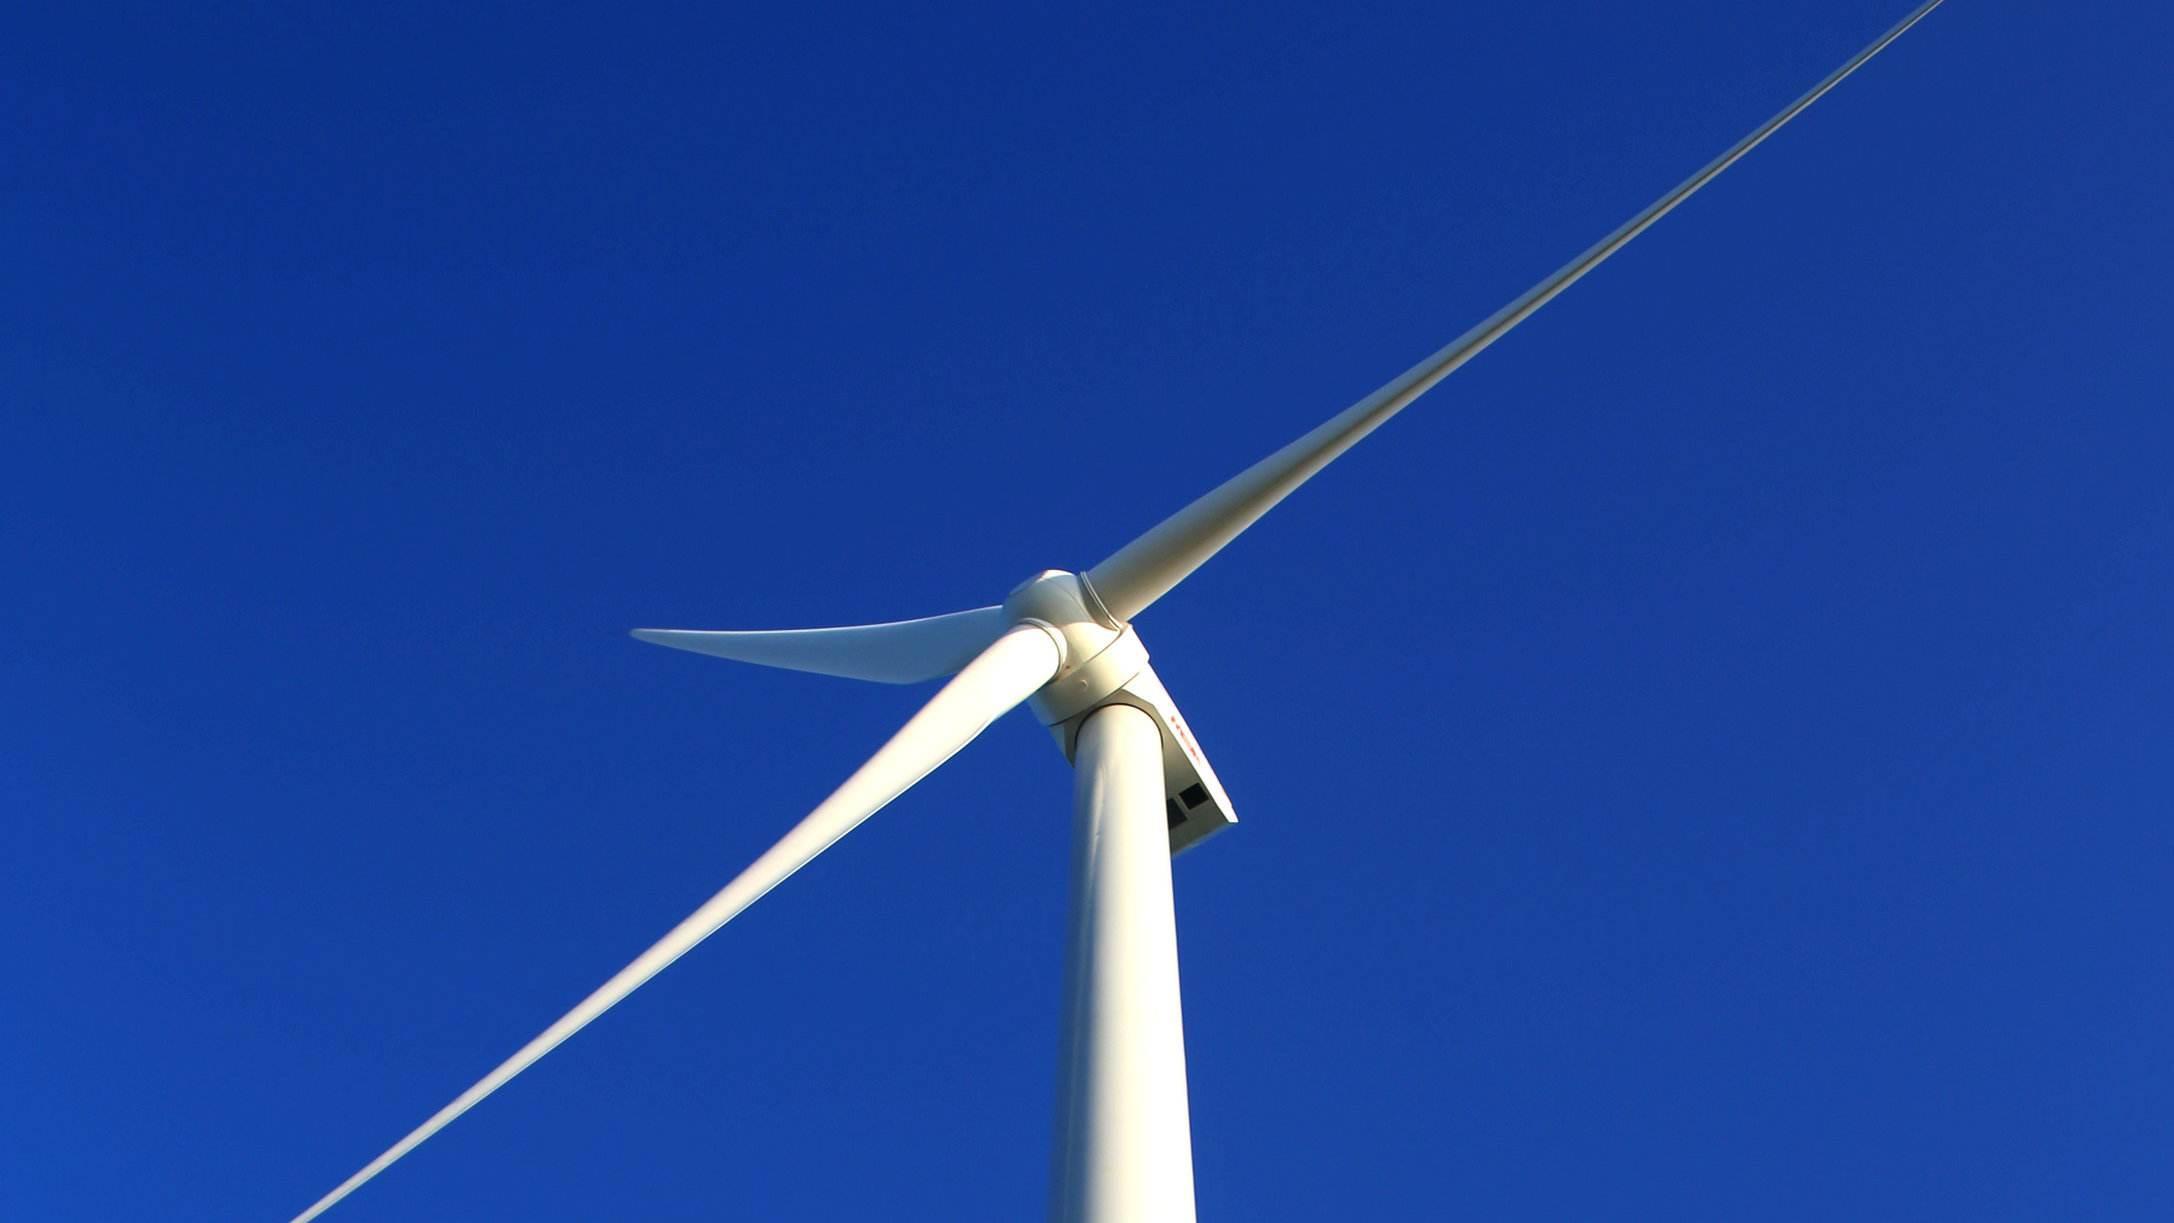 陕西定边谷梁100MW风电项目完成风机吊装